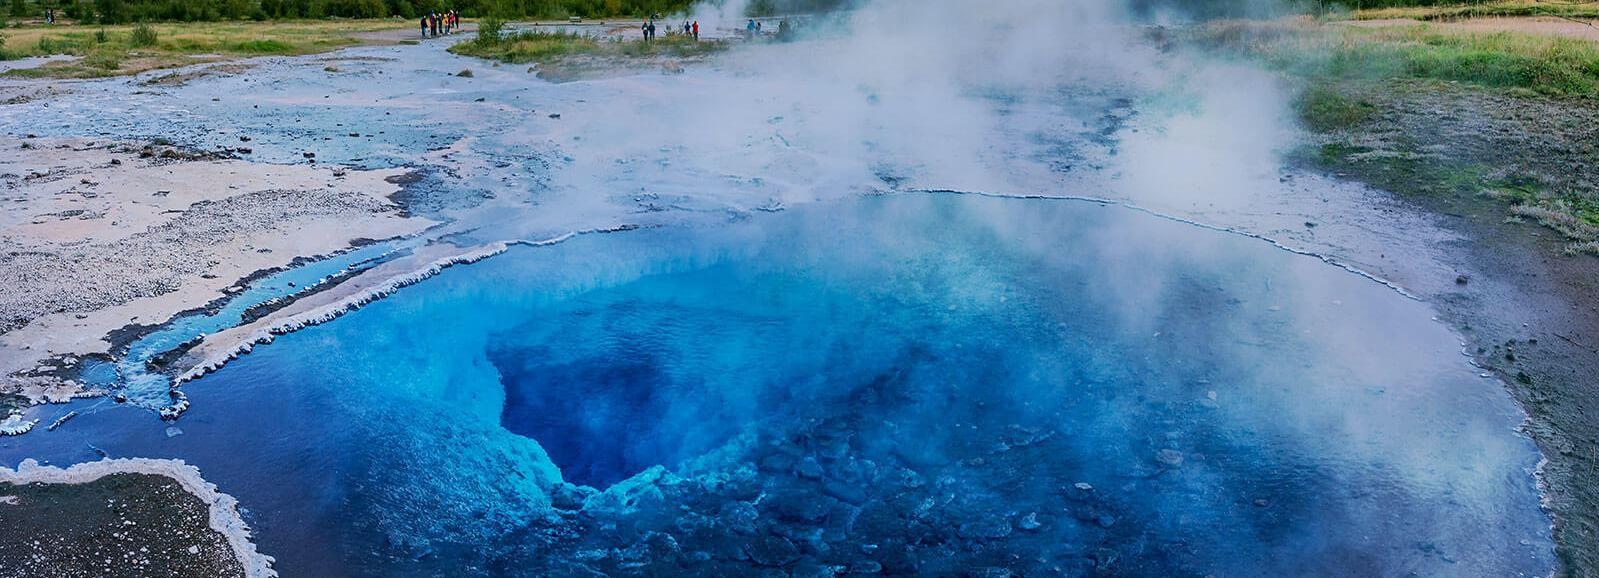 Från Reykjavik: Heldagstur till Gyllene cirkeln